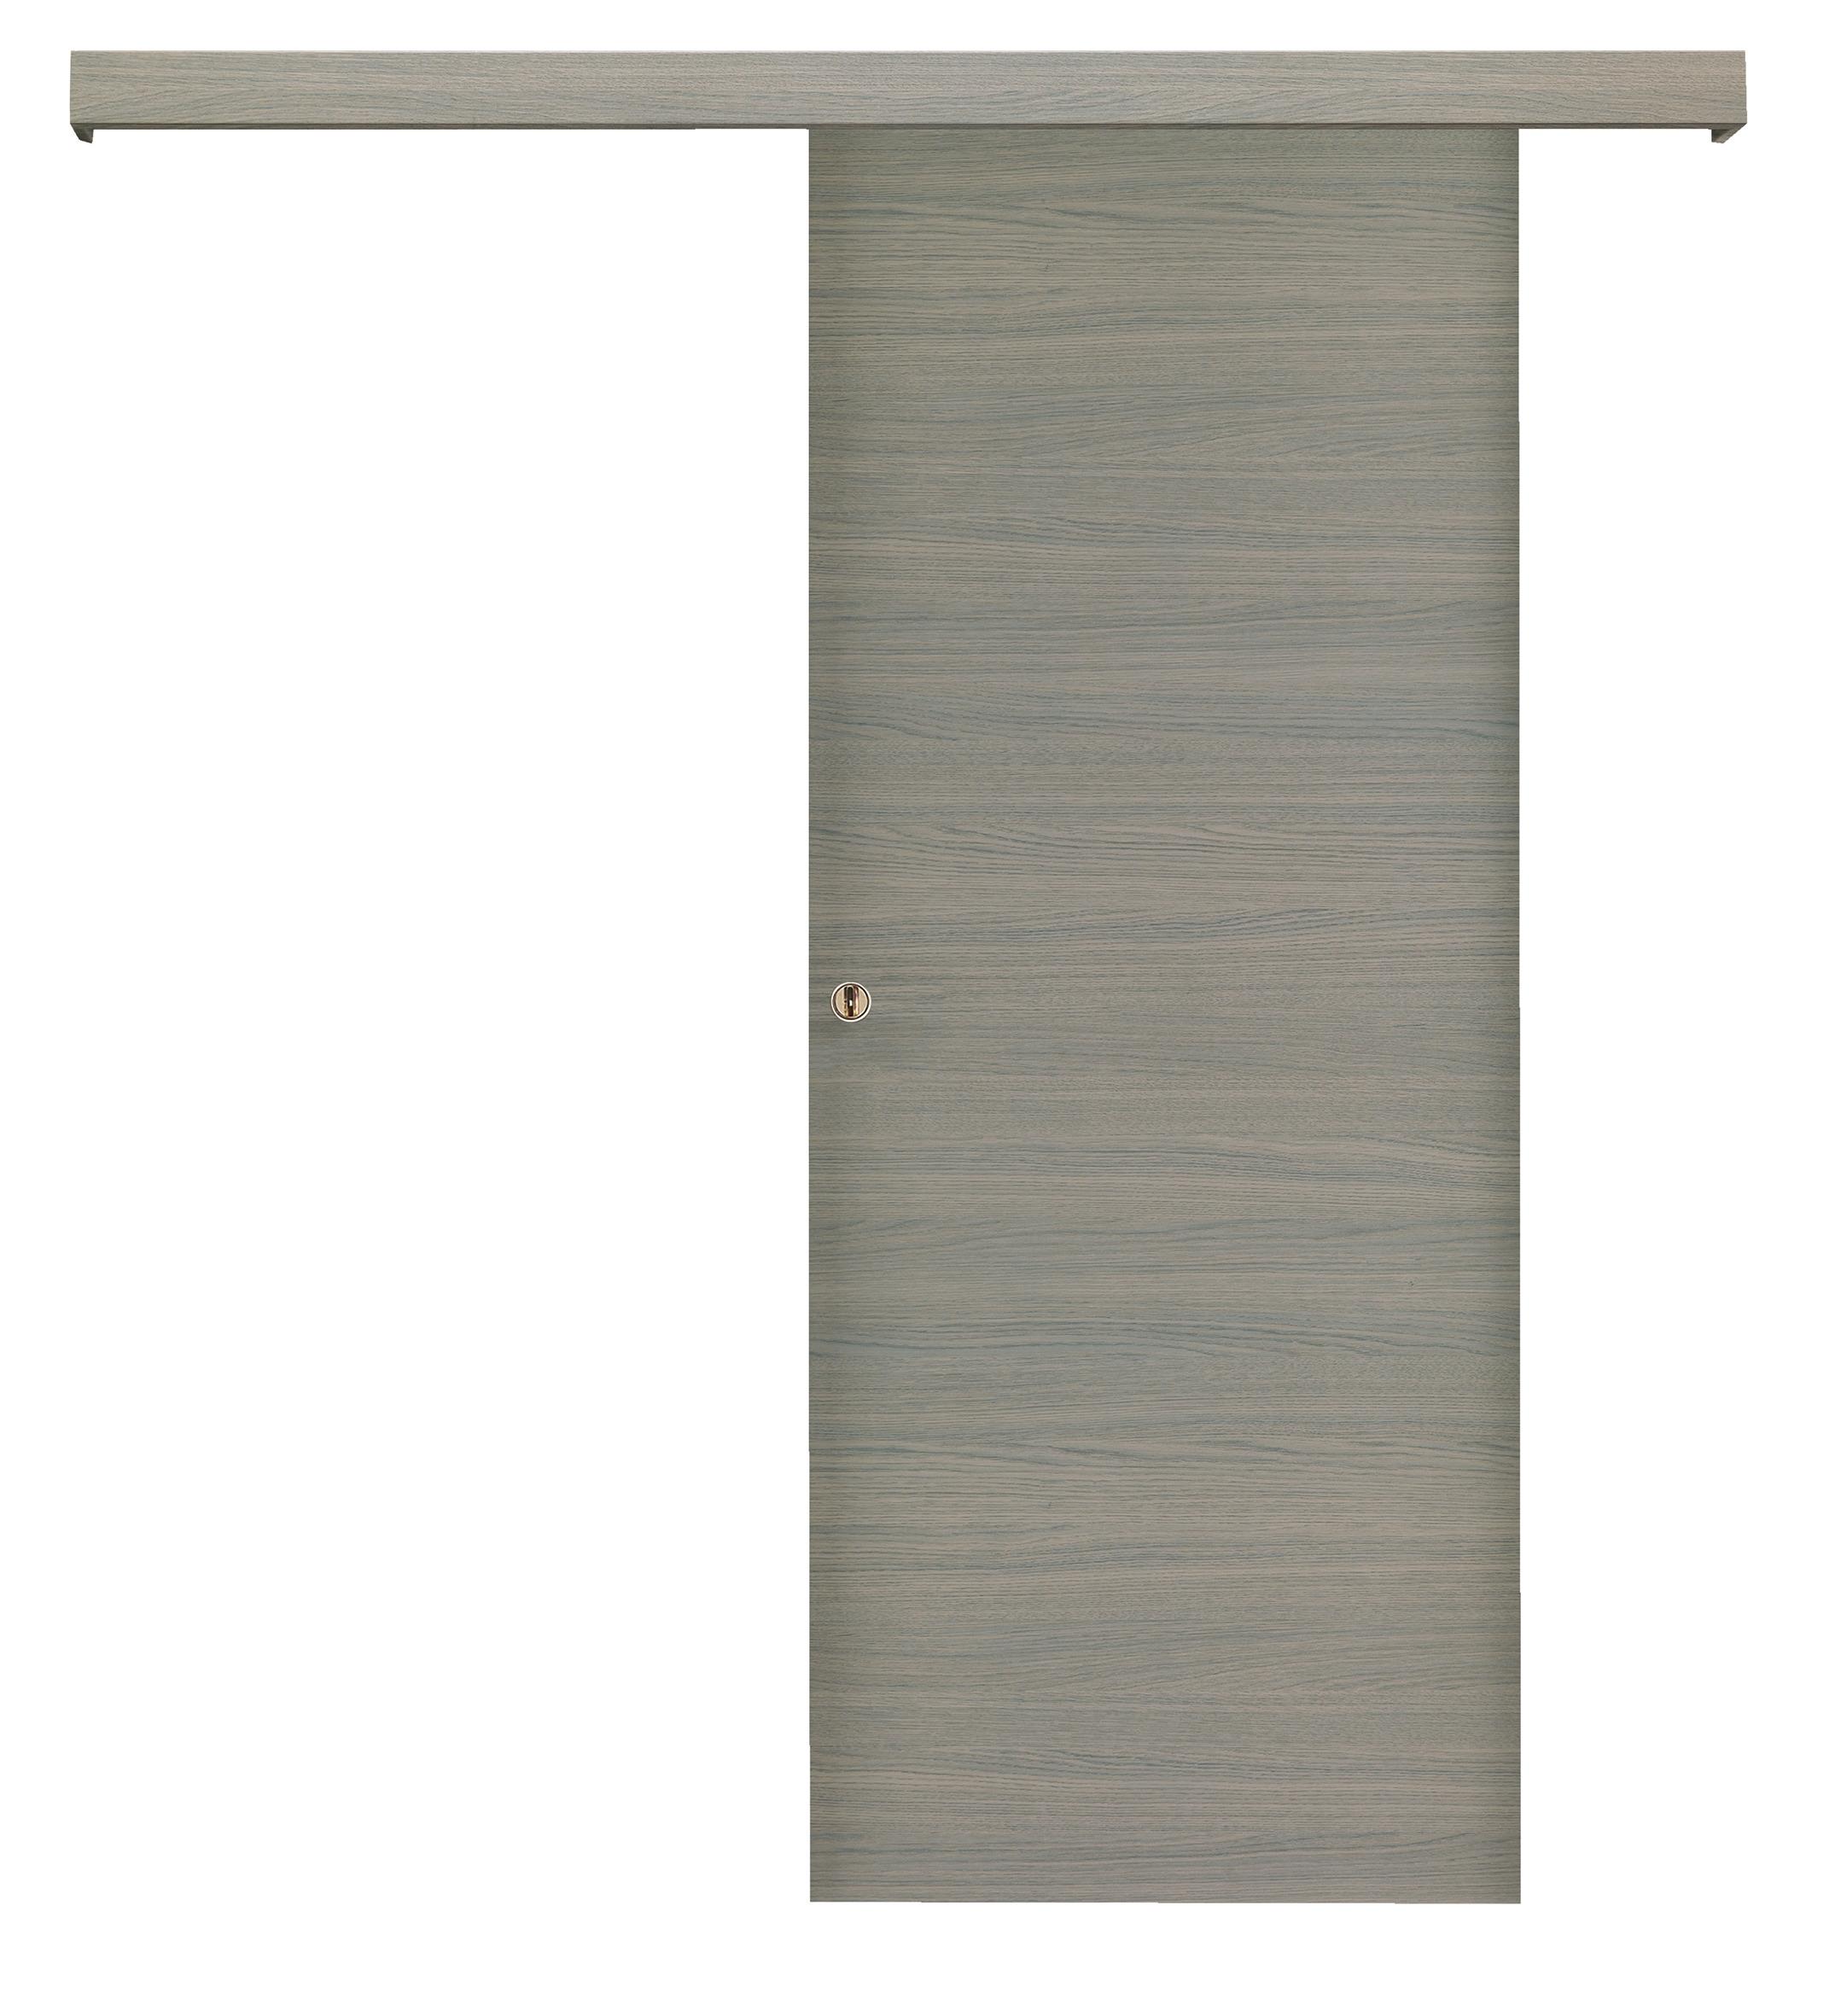 Porta scorrevole asterno muro bianca su misura porte a - Porta scorrevole esterno muro prezzo ...